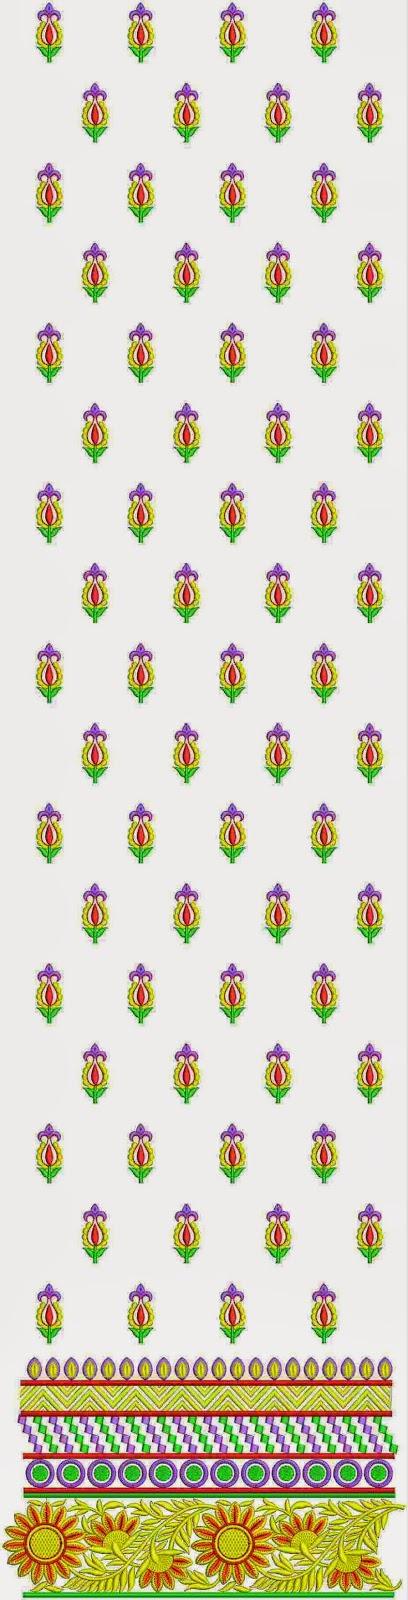 Hawaiian kruis steek grasperk pak